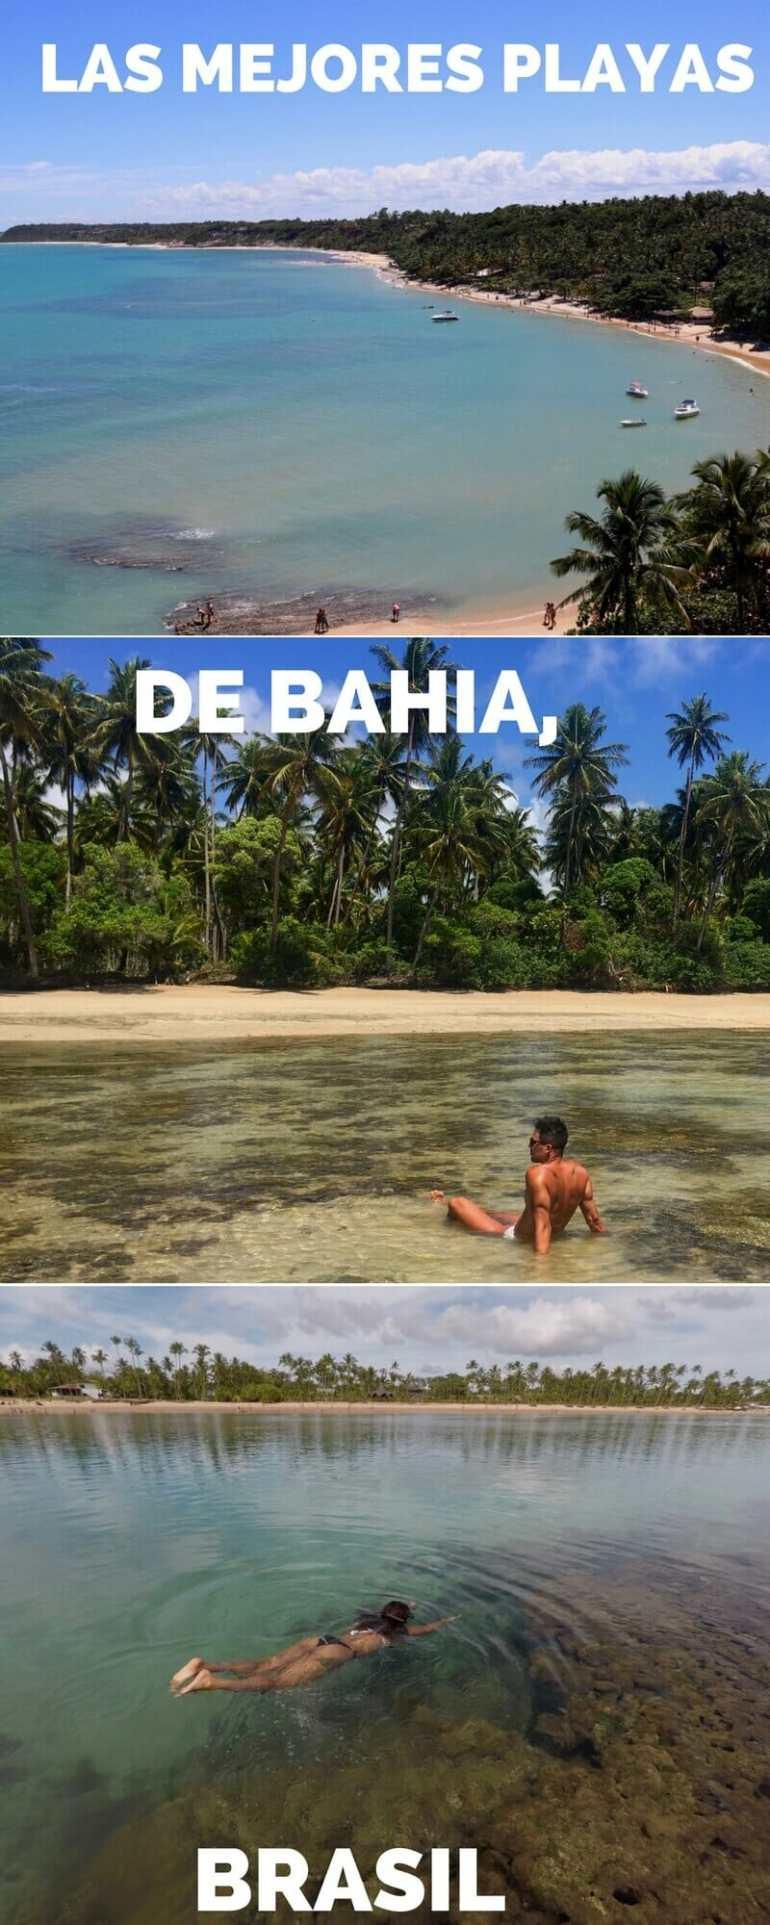 playas-de-bahia-brasil